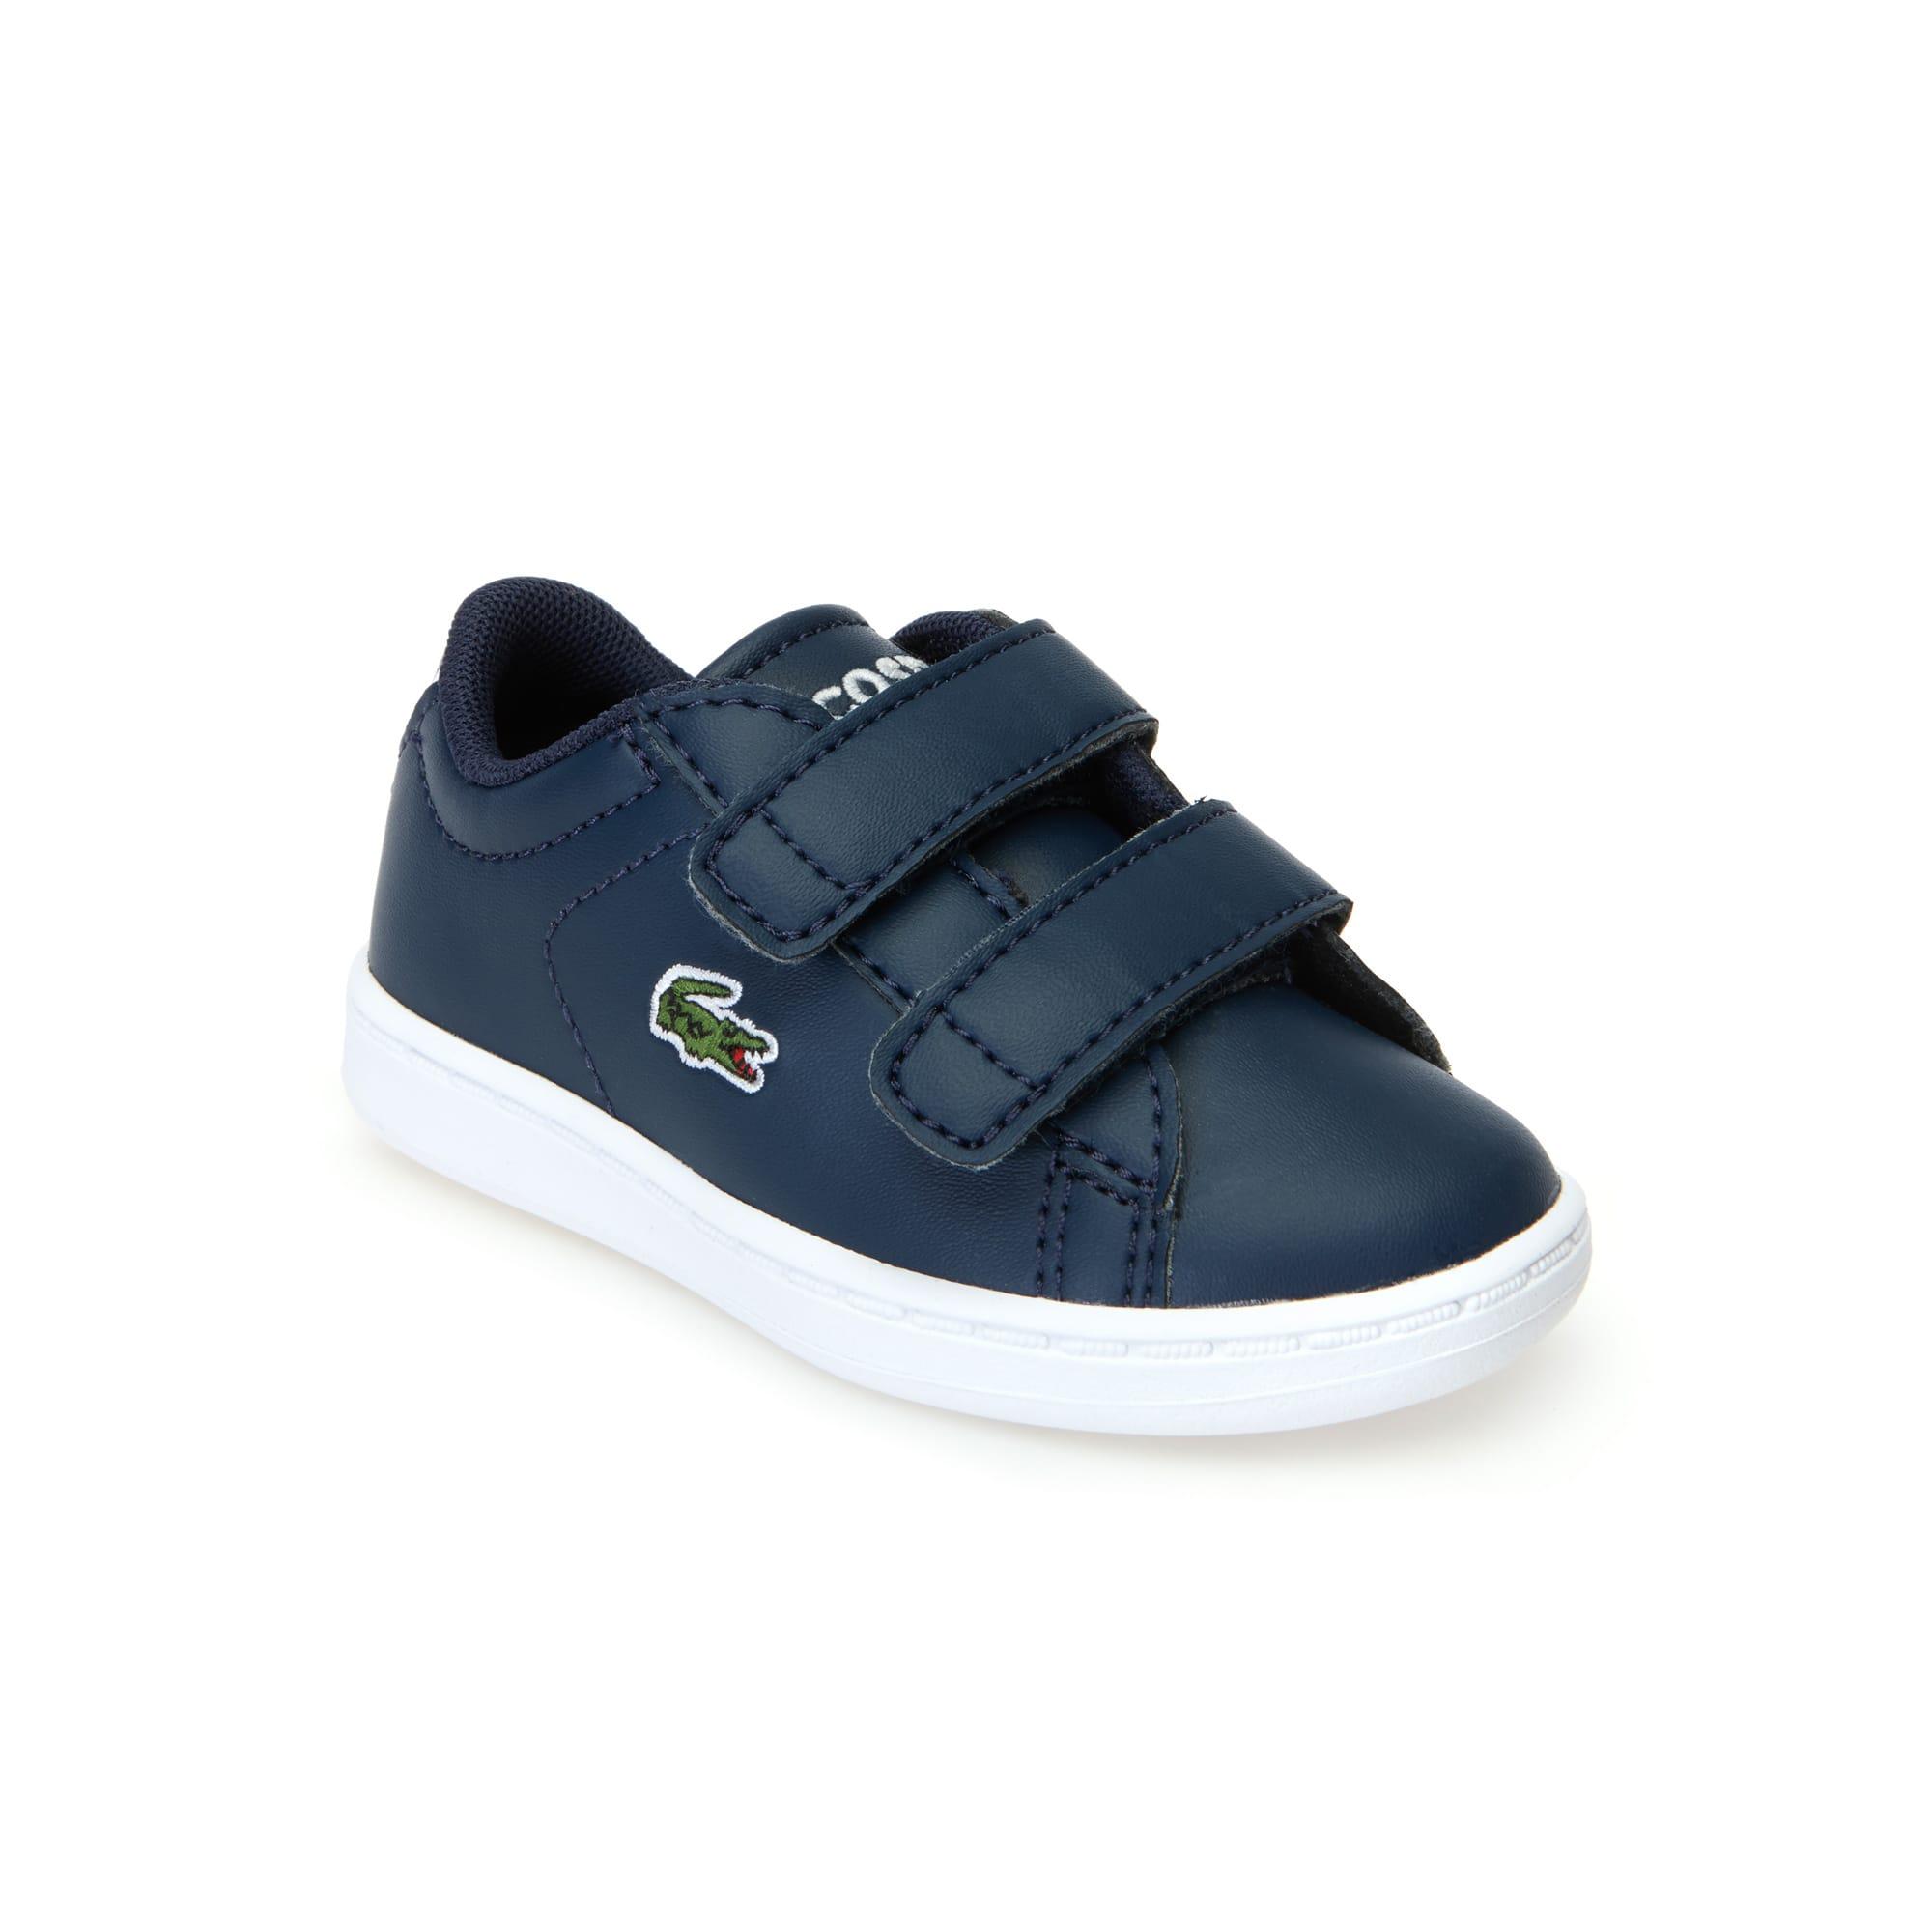 94c09a49c6 Toutes les chaussures Lacoste | LACOSTE